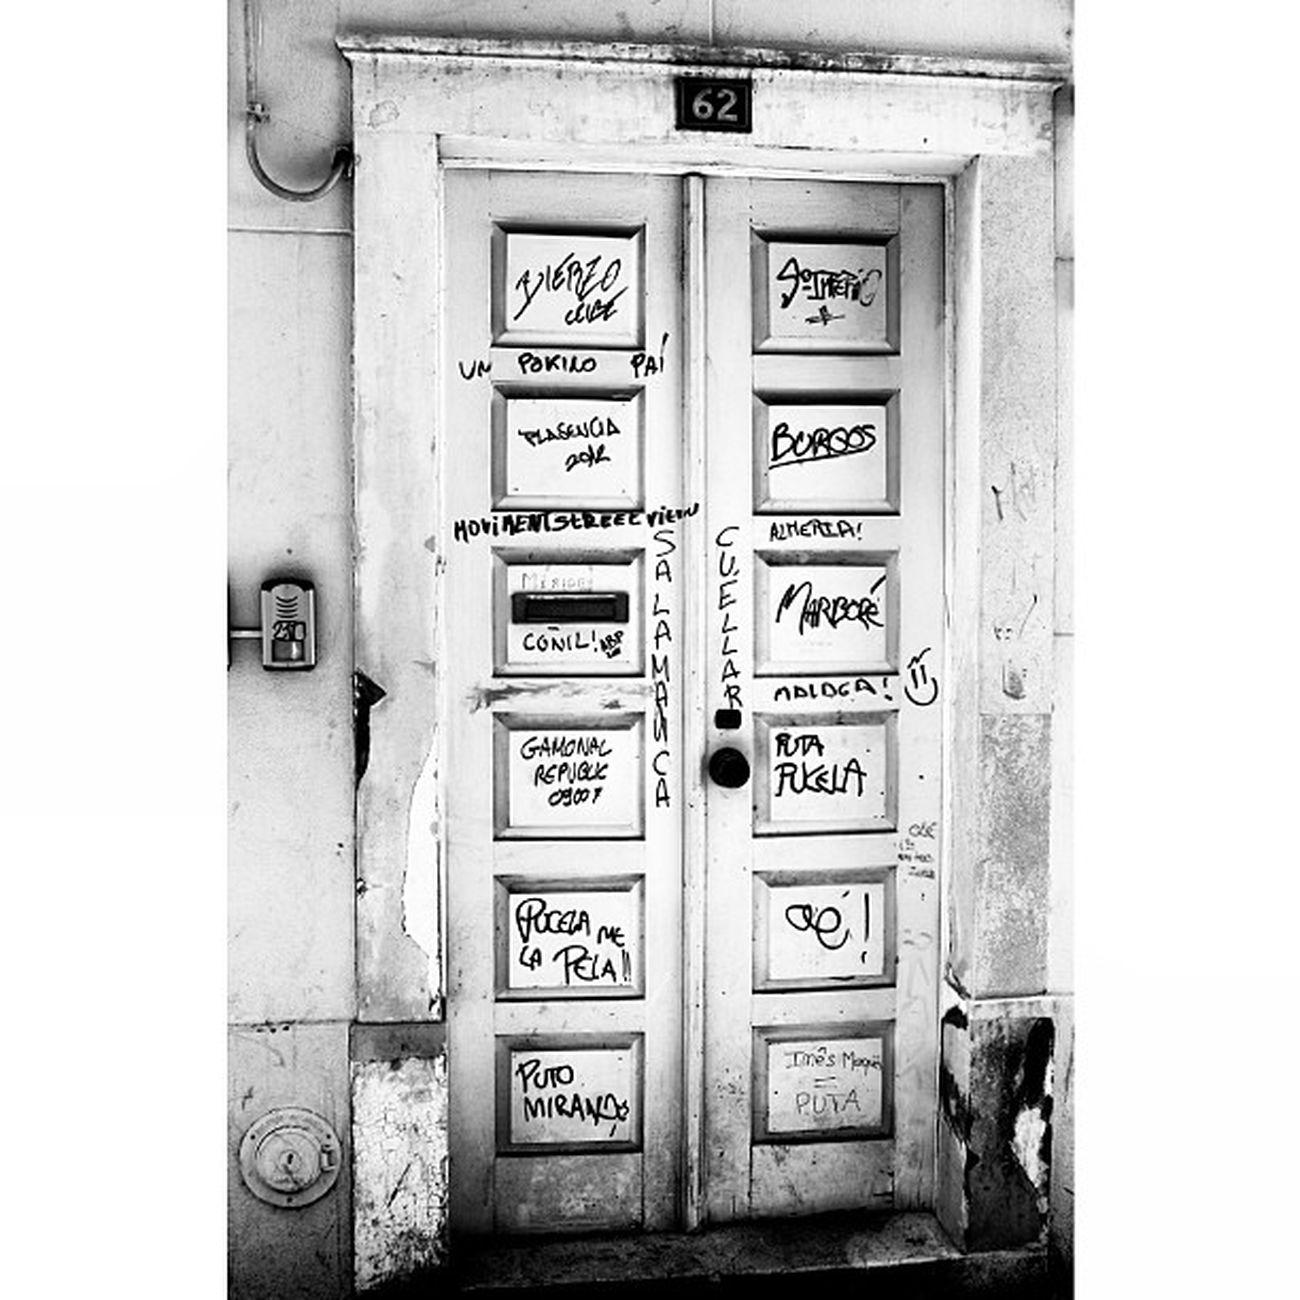 #squaready #portugaligers #portugaloteuolhar #portugal_em_fotos #portugaldenorteasul #p3top #iphone5 #iphonesia #iphoneonly #iphonegraphy #iphonephotography #instagood #instagram #instalove #instamood #instagramers #ig_portugal #partilhando_olhares #leiri Portugaligers Portugaldenorteasul Leiria Iphonephotography Iphoneonly Portugaloteuolhar Iphonesia Portugal_em_fotos Instagram Partilhando_olhares IPhone5 Ig_portugal Instamood Igers_leiria Partilhando_olhares_leiria P3top Instagramers Instagood Squaready Instalove Iphonegraphy